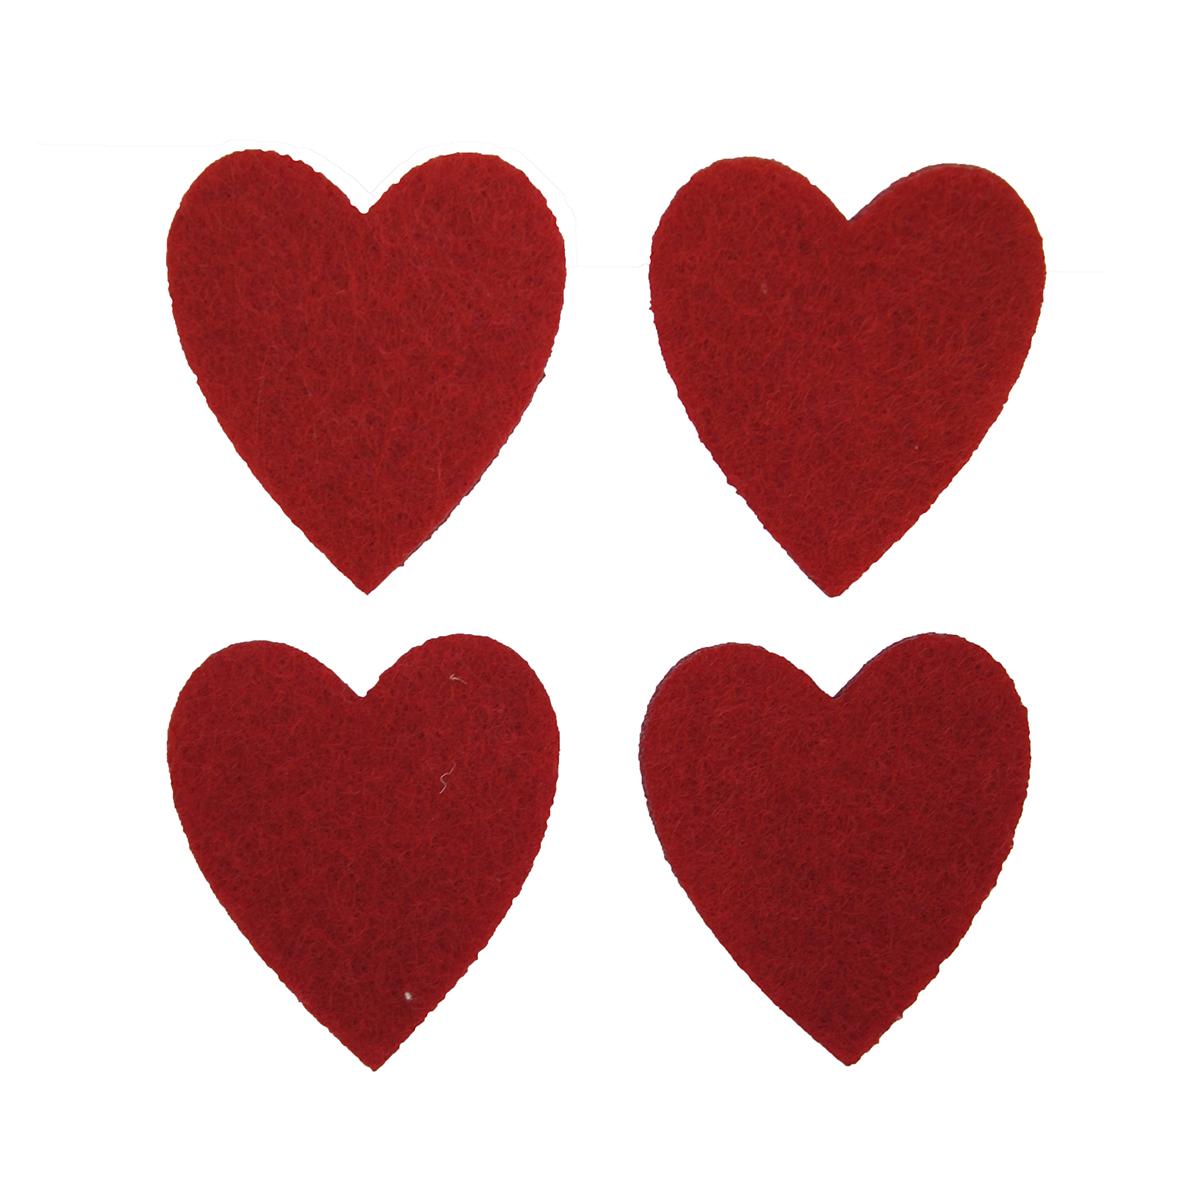 Фигурки из фетра Glorex Сердечки, цвет: красный, 4 x 3,6 см, 12 шт318783Фетр пользуется большой популярностью среди рукодельниц. Его любят за эстетичный вид, практичность и отличную текстуру. Из данного материала вашему вниманию предлагаются заготовки Glorex. Широкое разнообразие цветов и форм поможет реализовать творческие задумки и гармоничным образом дополнить ваше творение. Из фетра можно создавать обложки для книг, ежедневников, игрушки, декоративные чехлы для подушек и многое, многое другое.